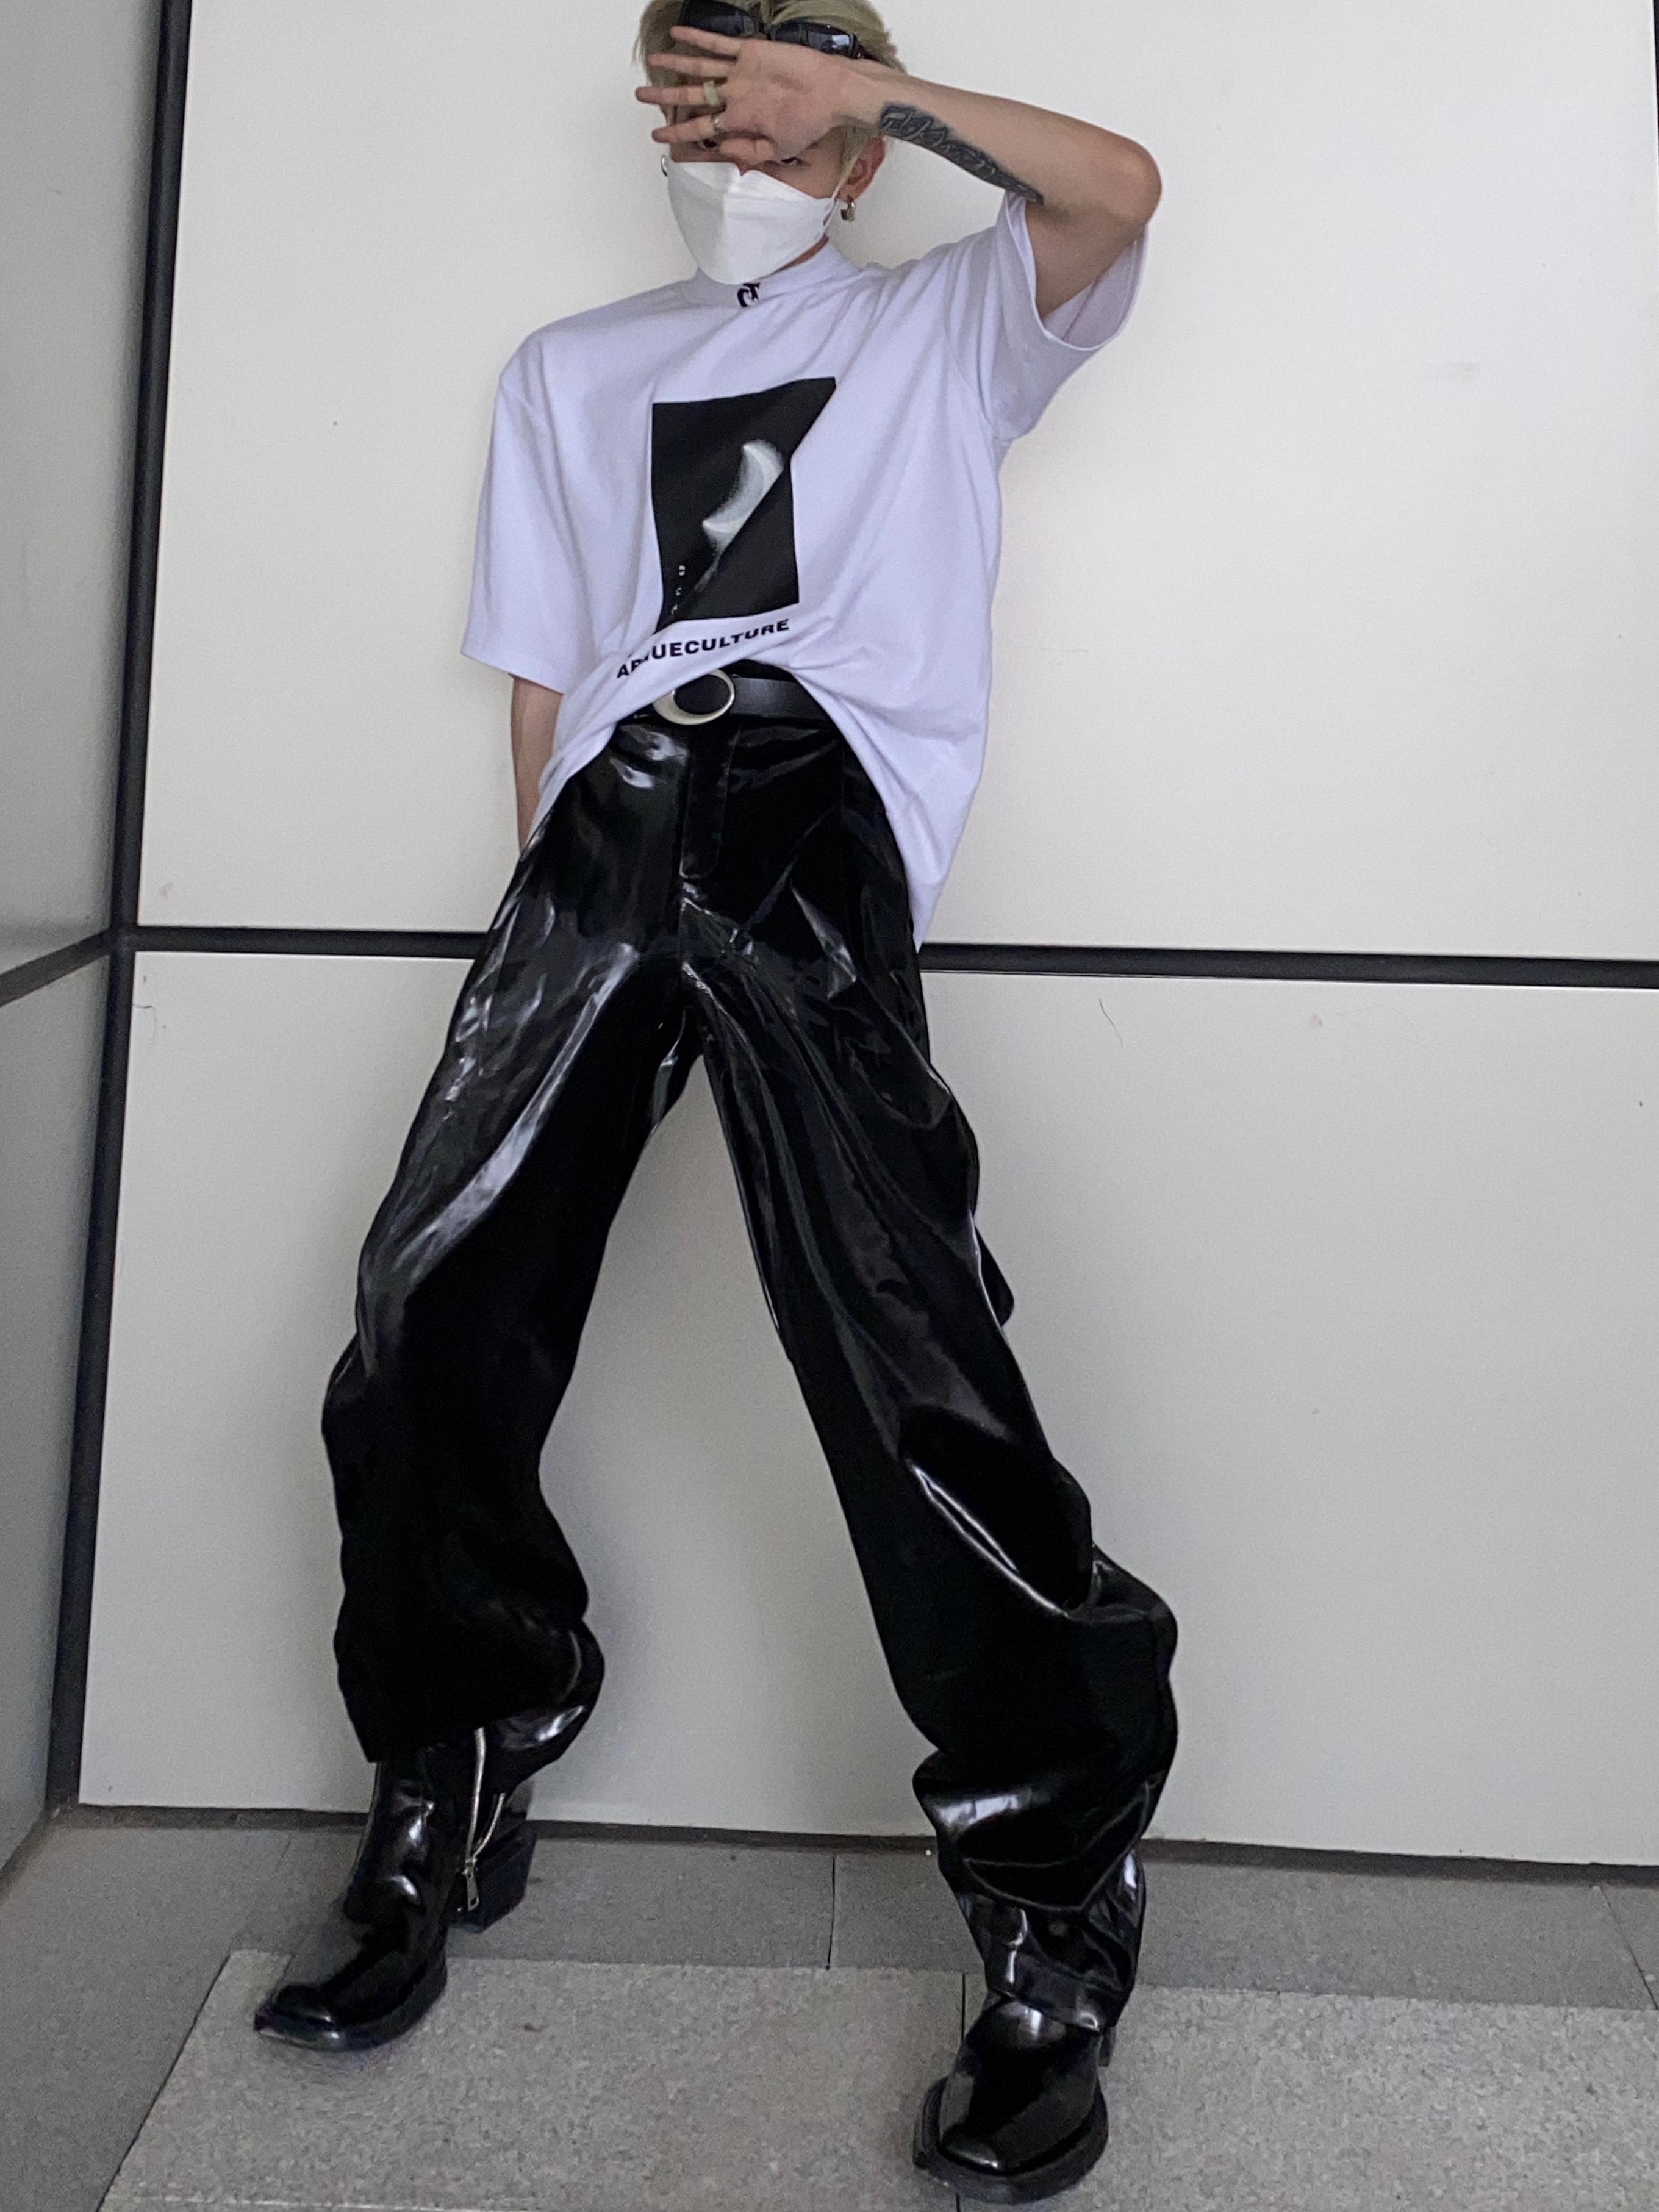 Culture小众设计未来科技液体感皮裤闪光朋克宽松直筒裤ins炸街潮